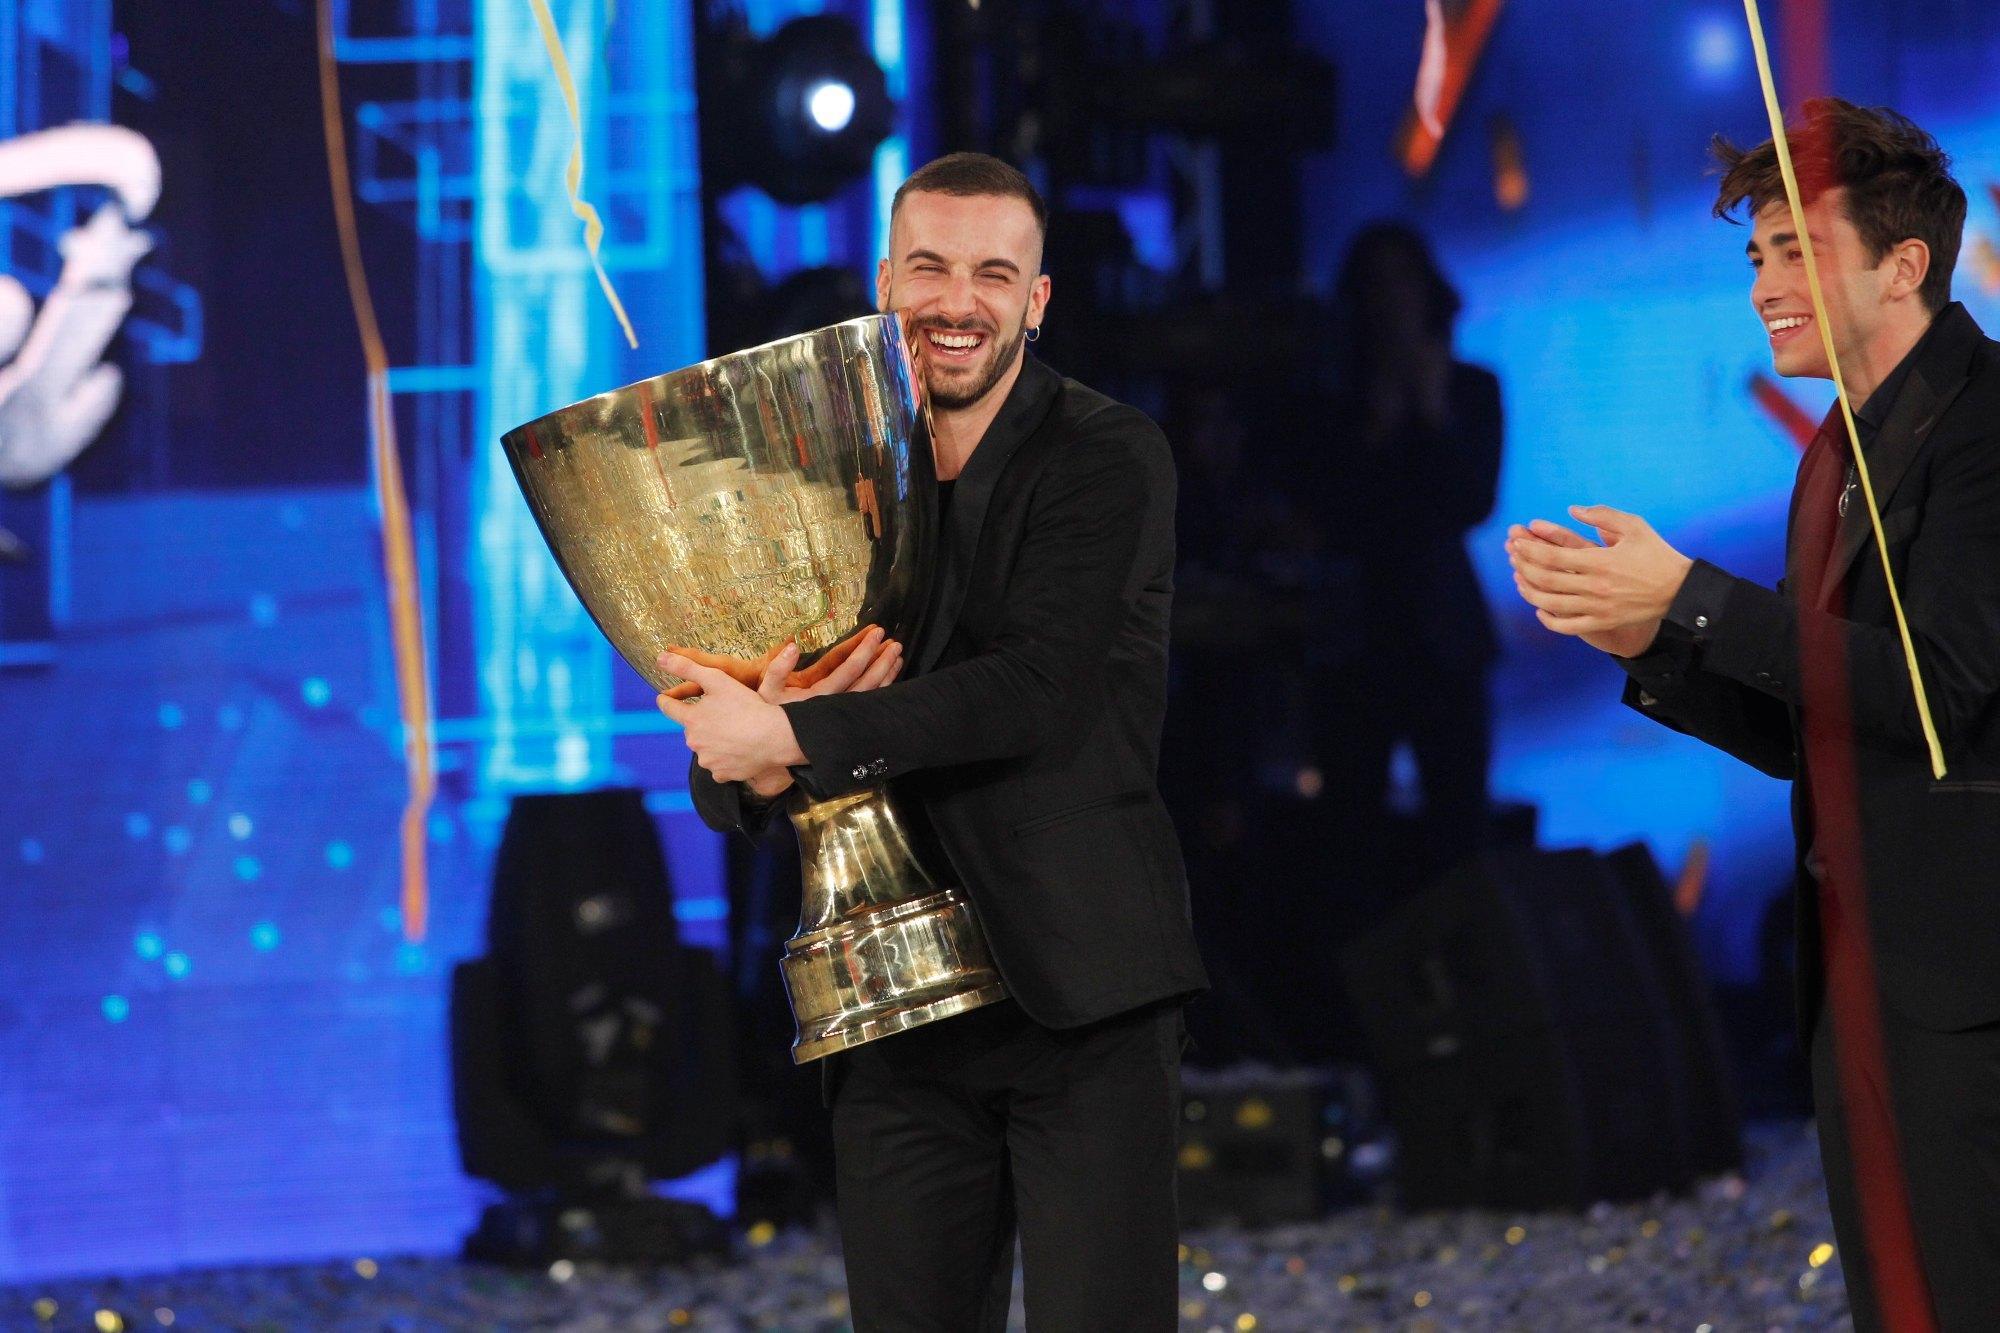 Andreas Muller, vincitore di Amici 16: le prime dichiarazioni dopo il successo e la dedica al fratello